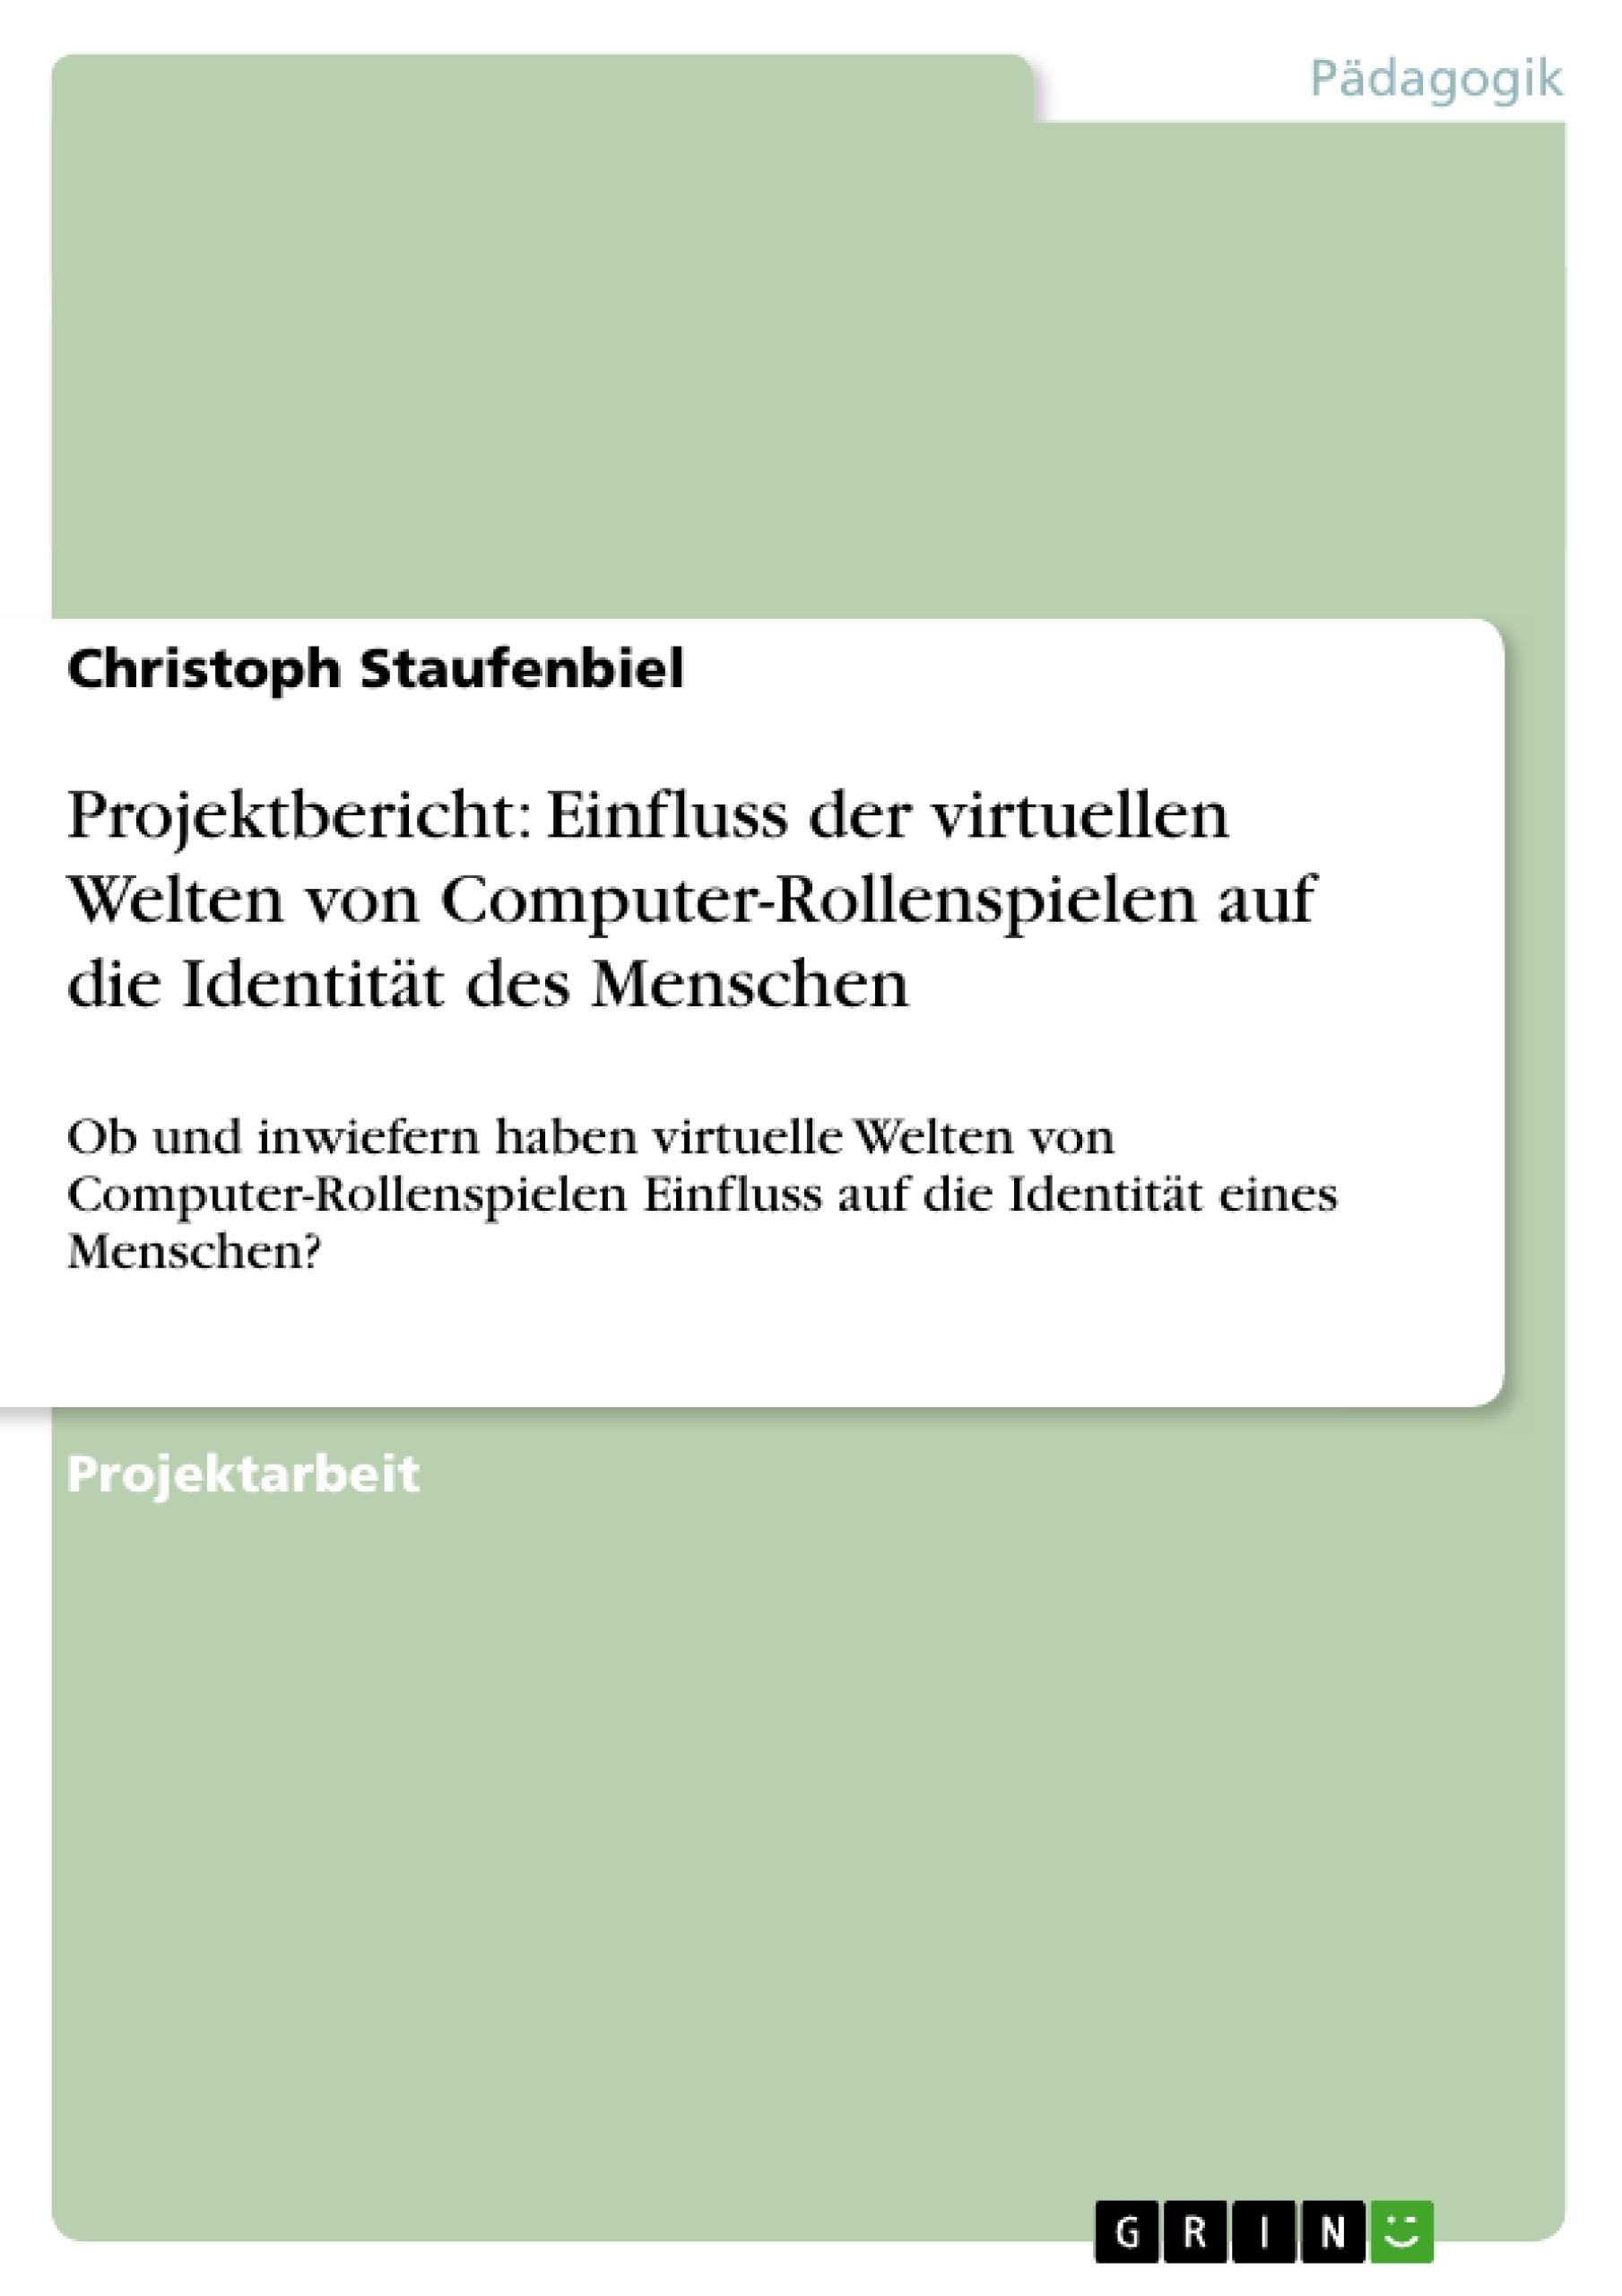 Titel: Projektbericht: Einfluss der virtuellen Welten von Computer-Rollenspielen auf die Identität des Menschen